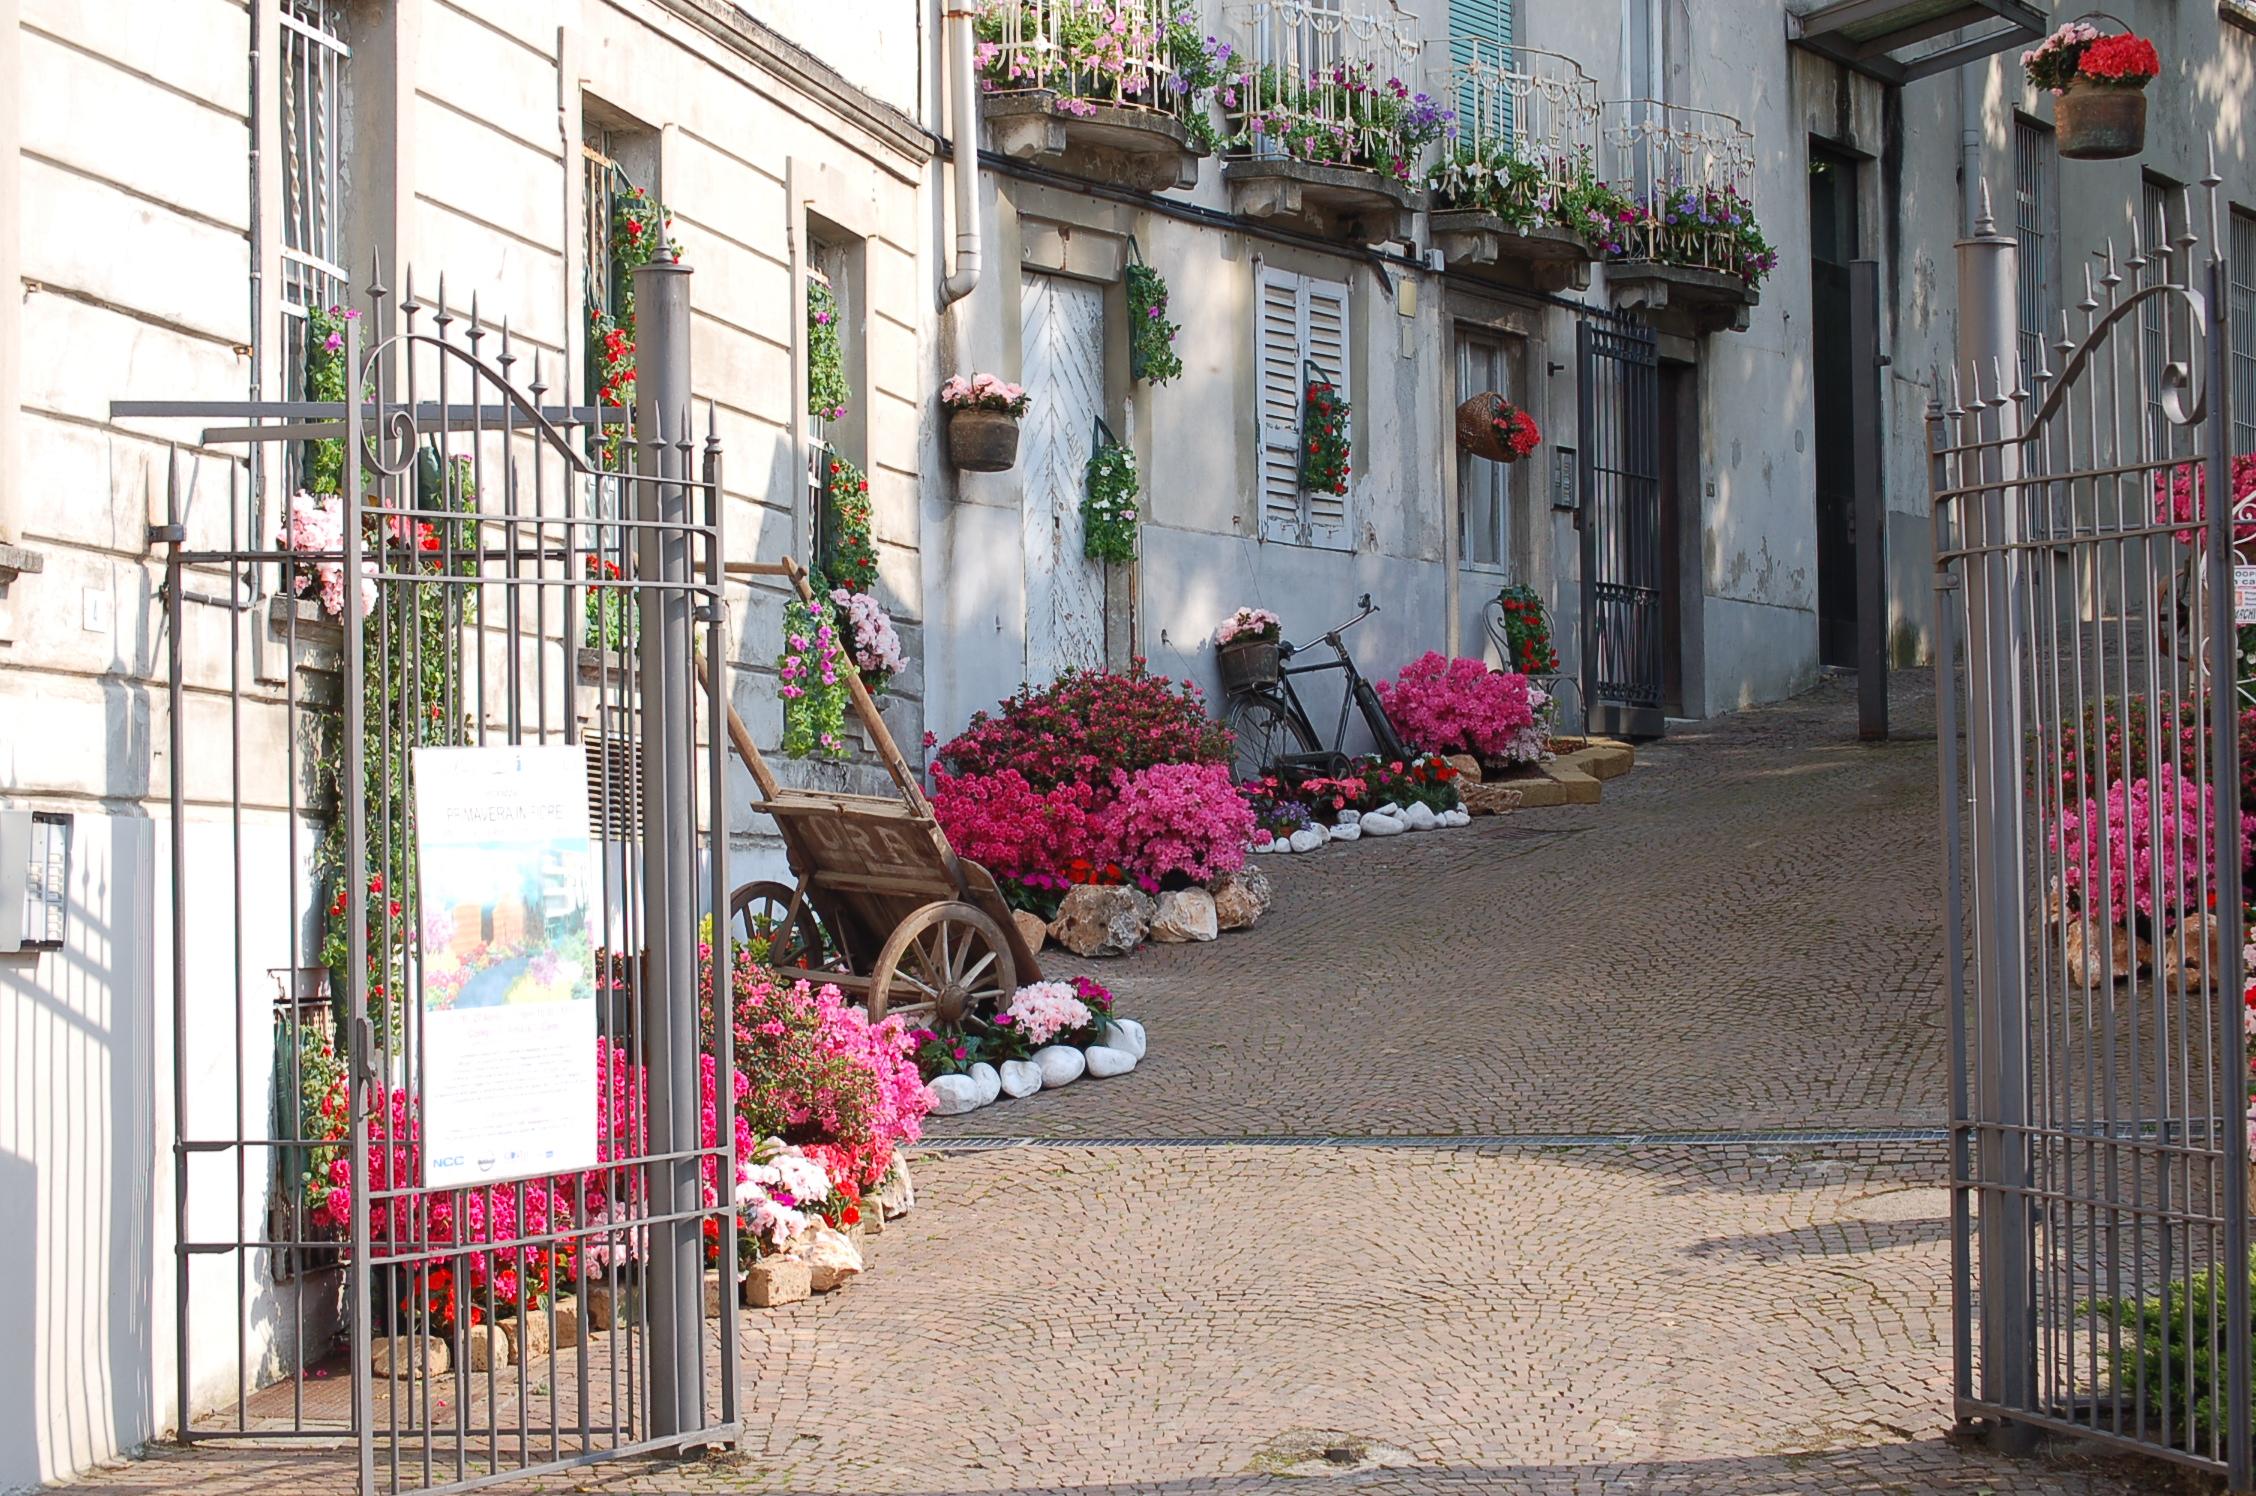 Primavera in fiore al Collegio De Amicis, Cantù